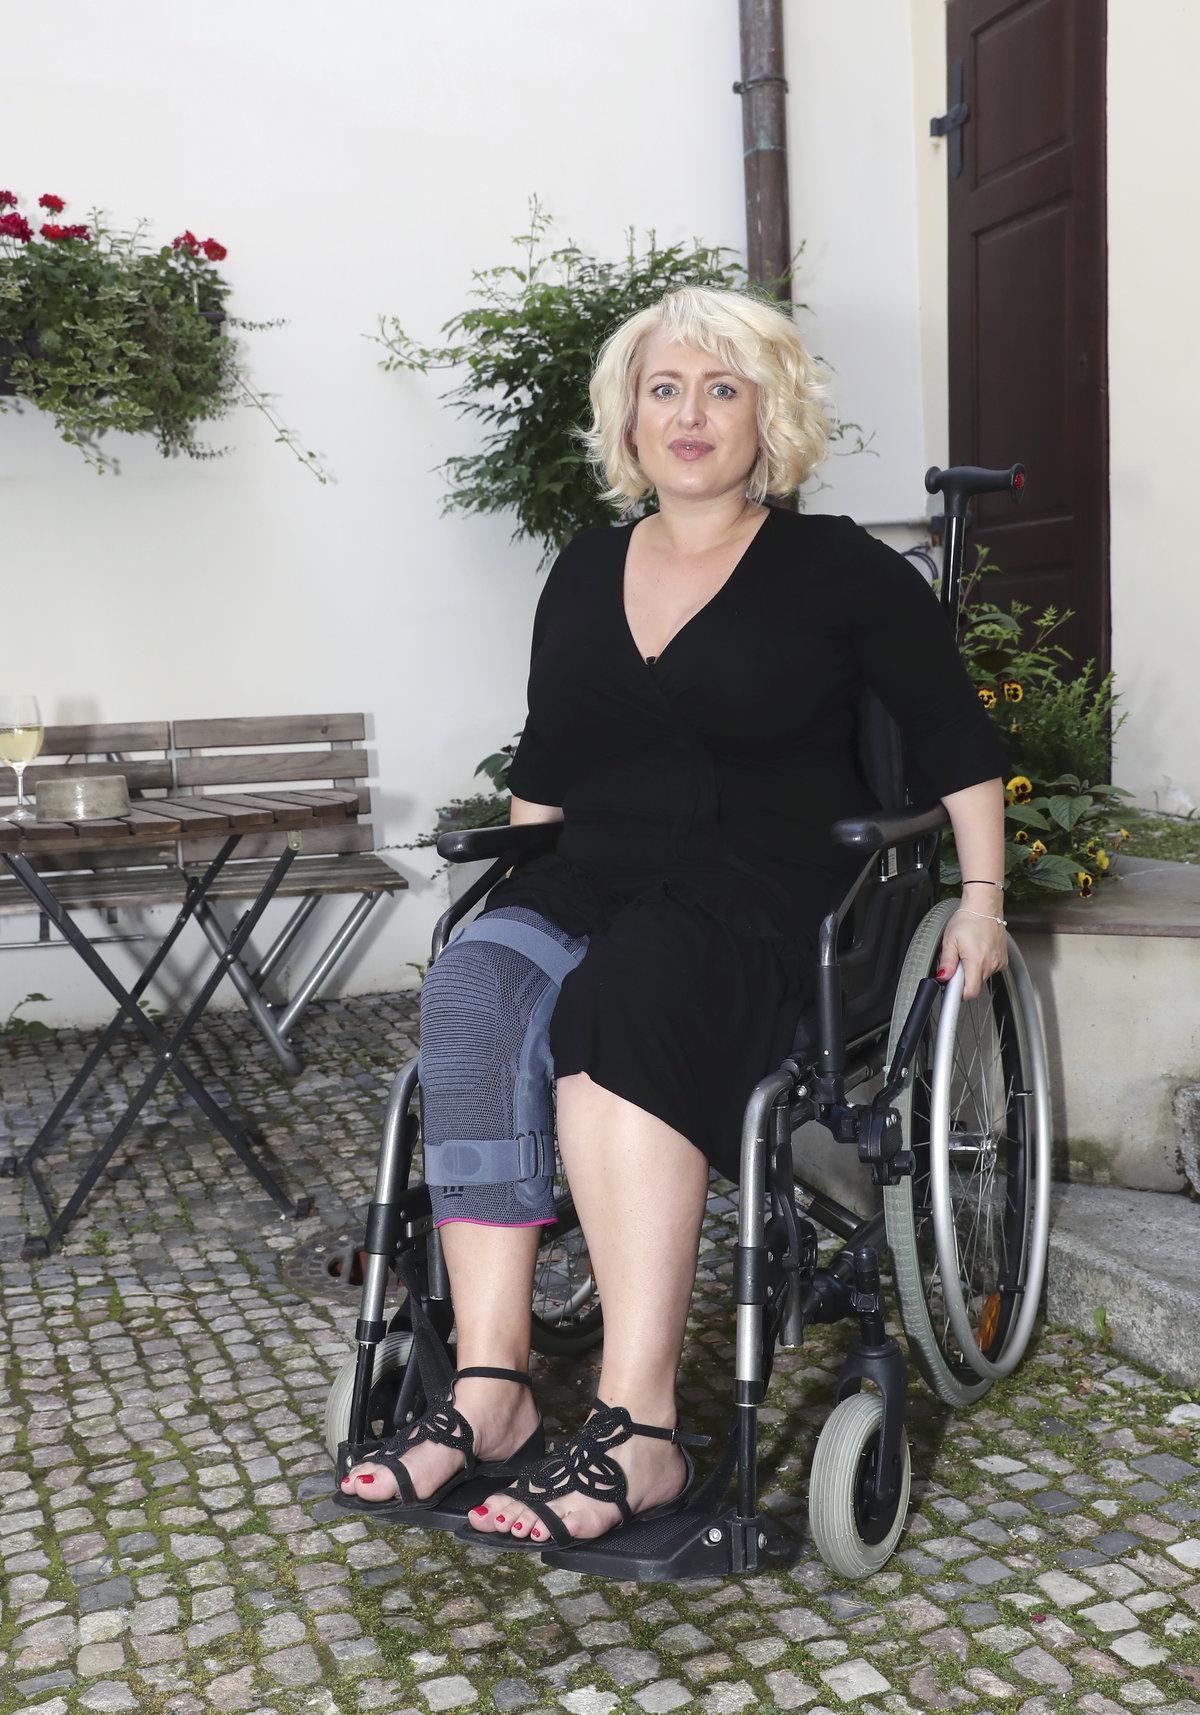 Kvůli problému s meniskem skončila na vozíku.